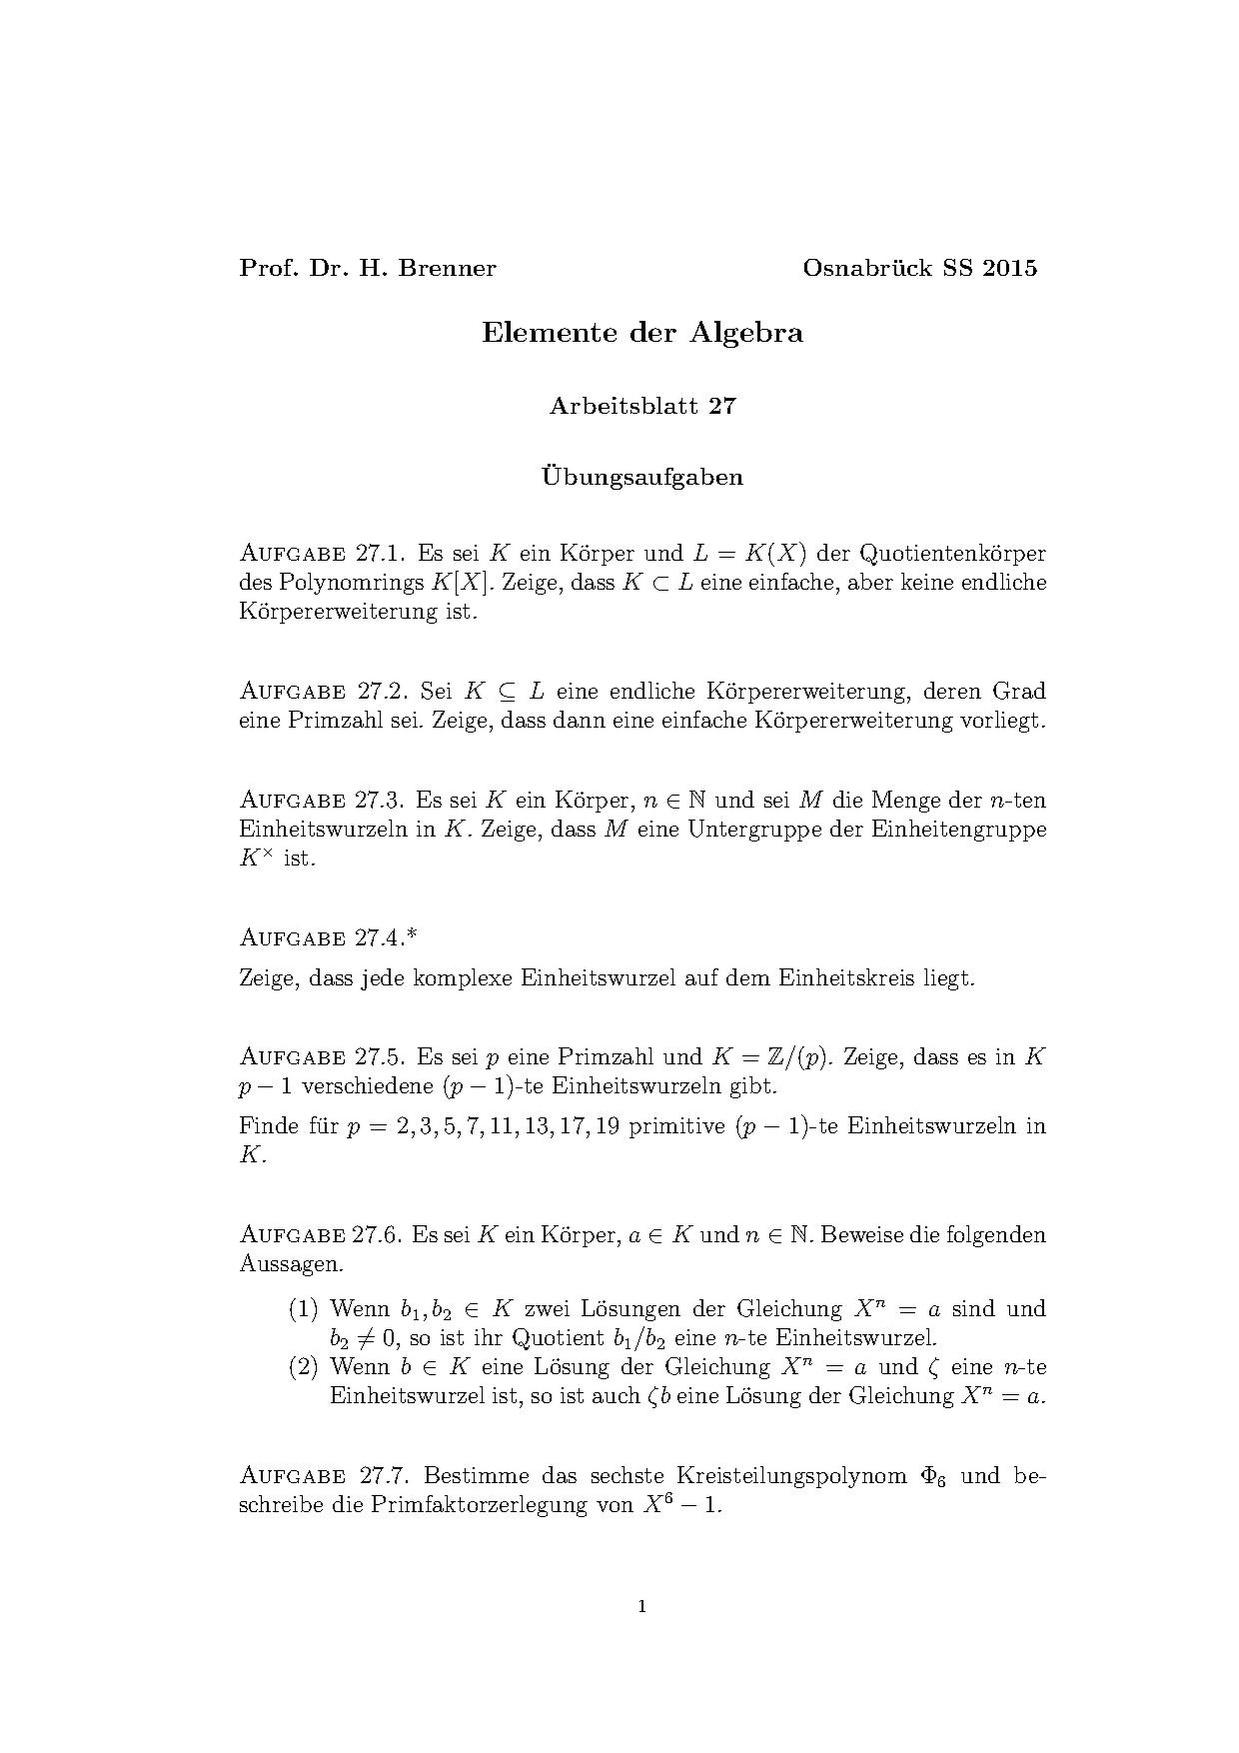 Niedlich Einheitskreis Arbeitsblatt Mathe 36 Galerie - Super Lehrer ...